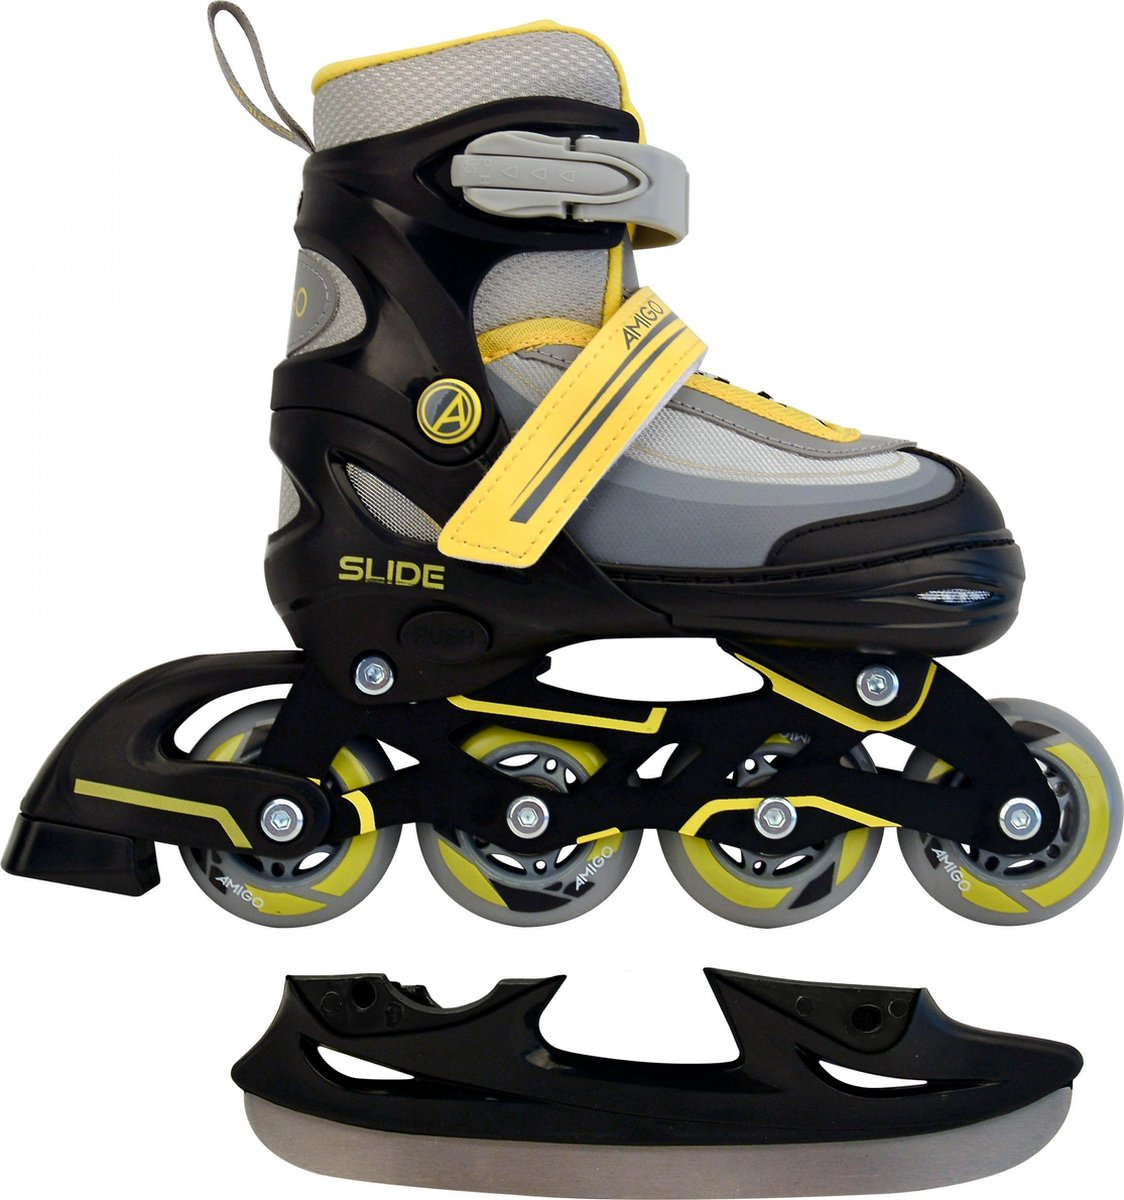 AMIGO Slide 2-in-1 skates - Voor jongens en meisjes - Zwart/Geel - Maat 30-33